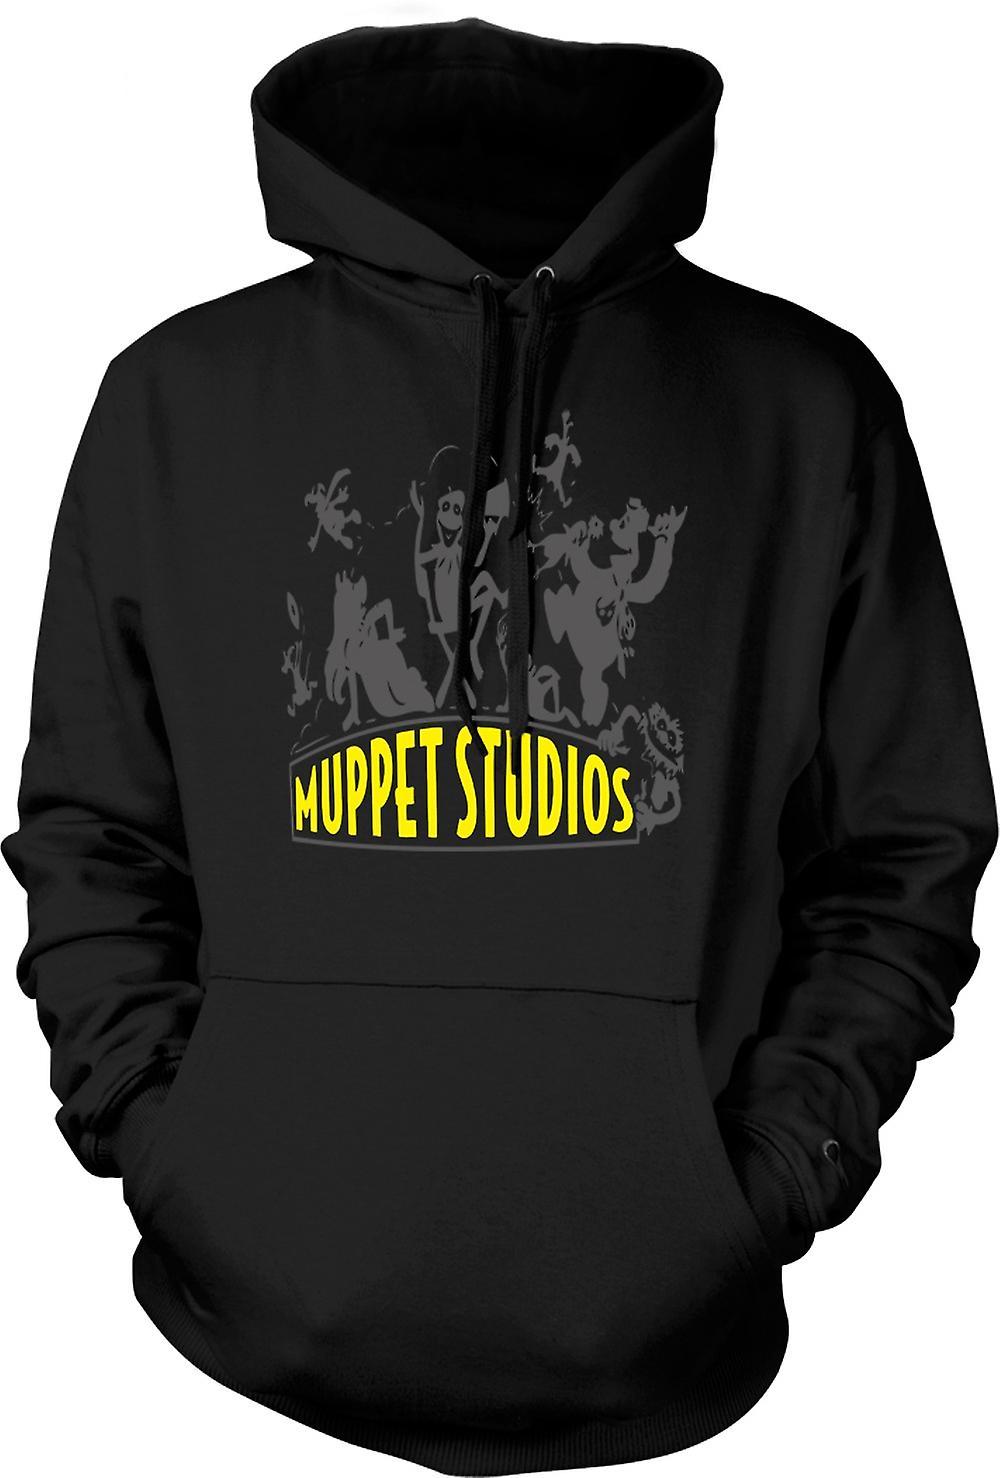 Kids Hoodie - Muppet Studios - Kermit - Funny